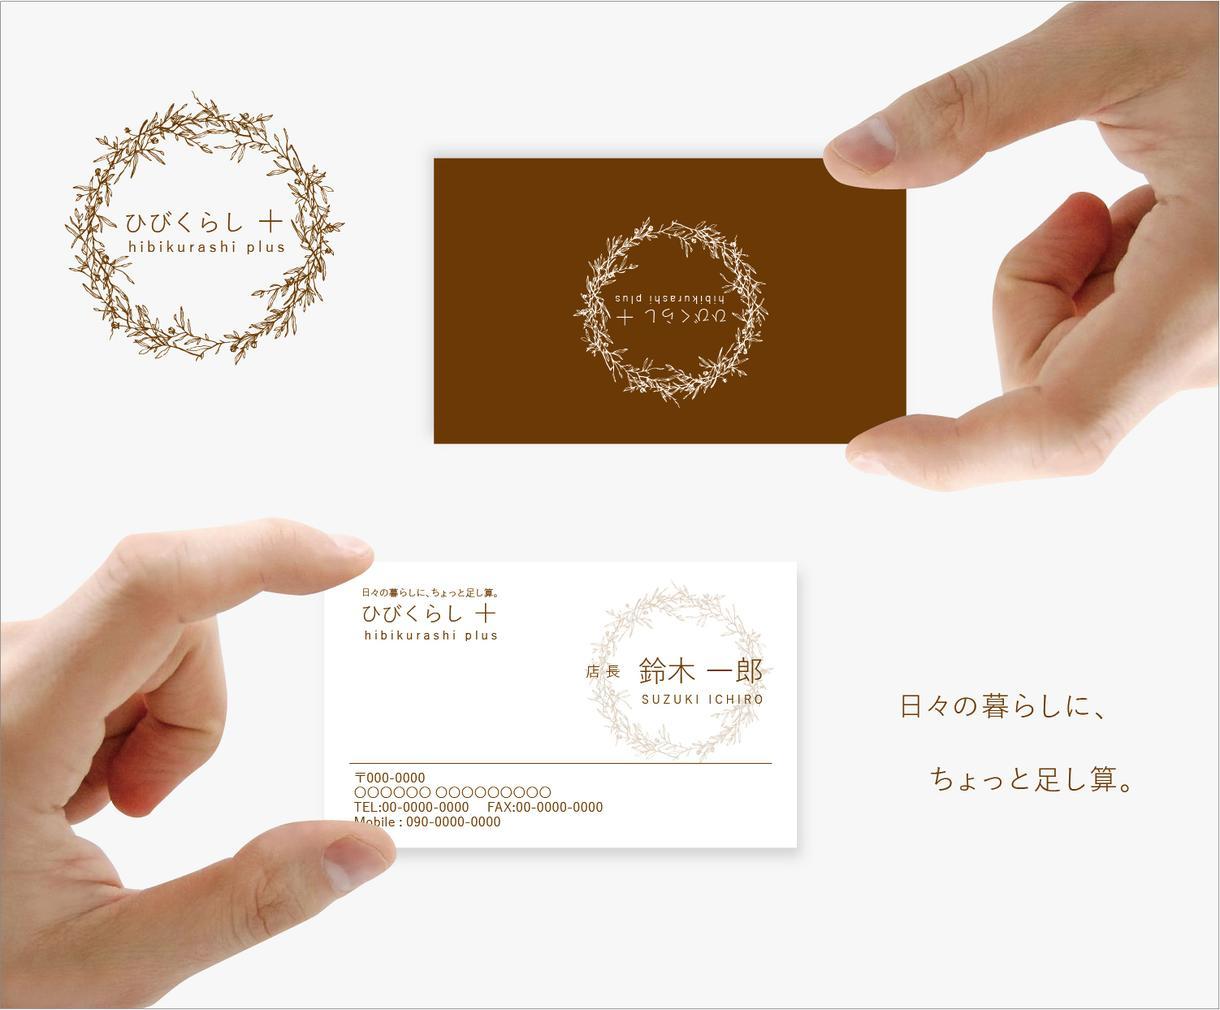 名刺・ショップカード、あなたの想いをカタチにします あなたの想いを、もらった方の記憶に残る一枚に。